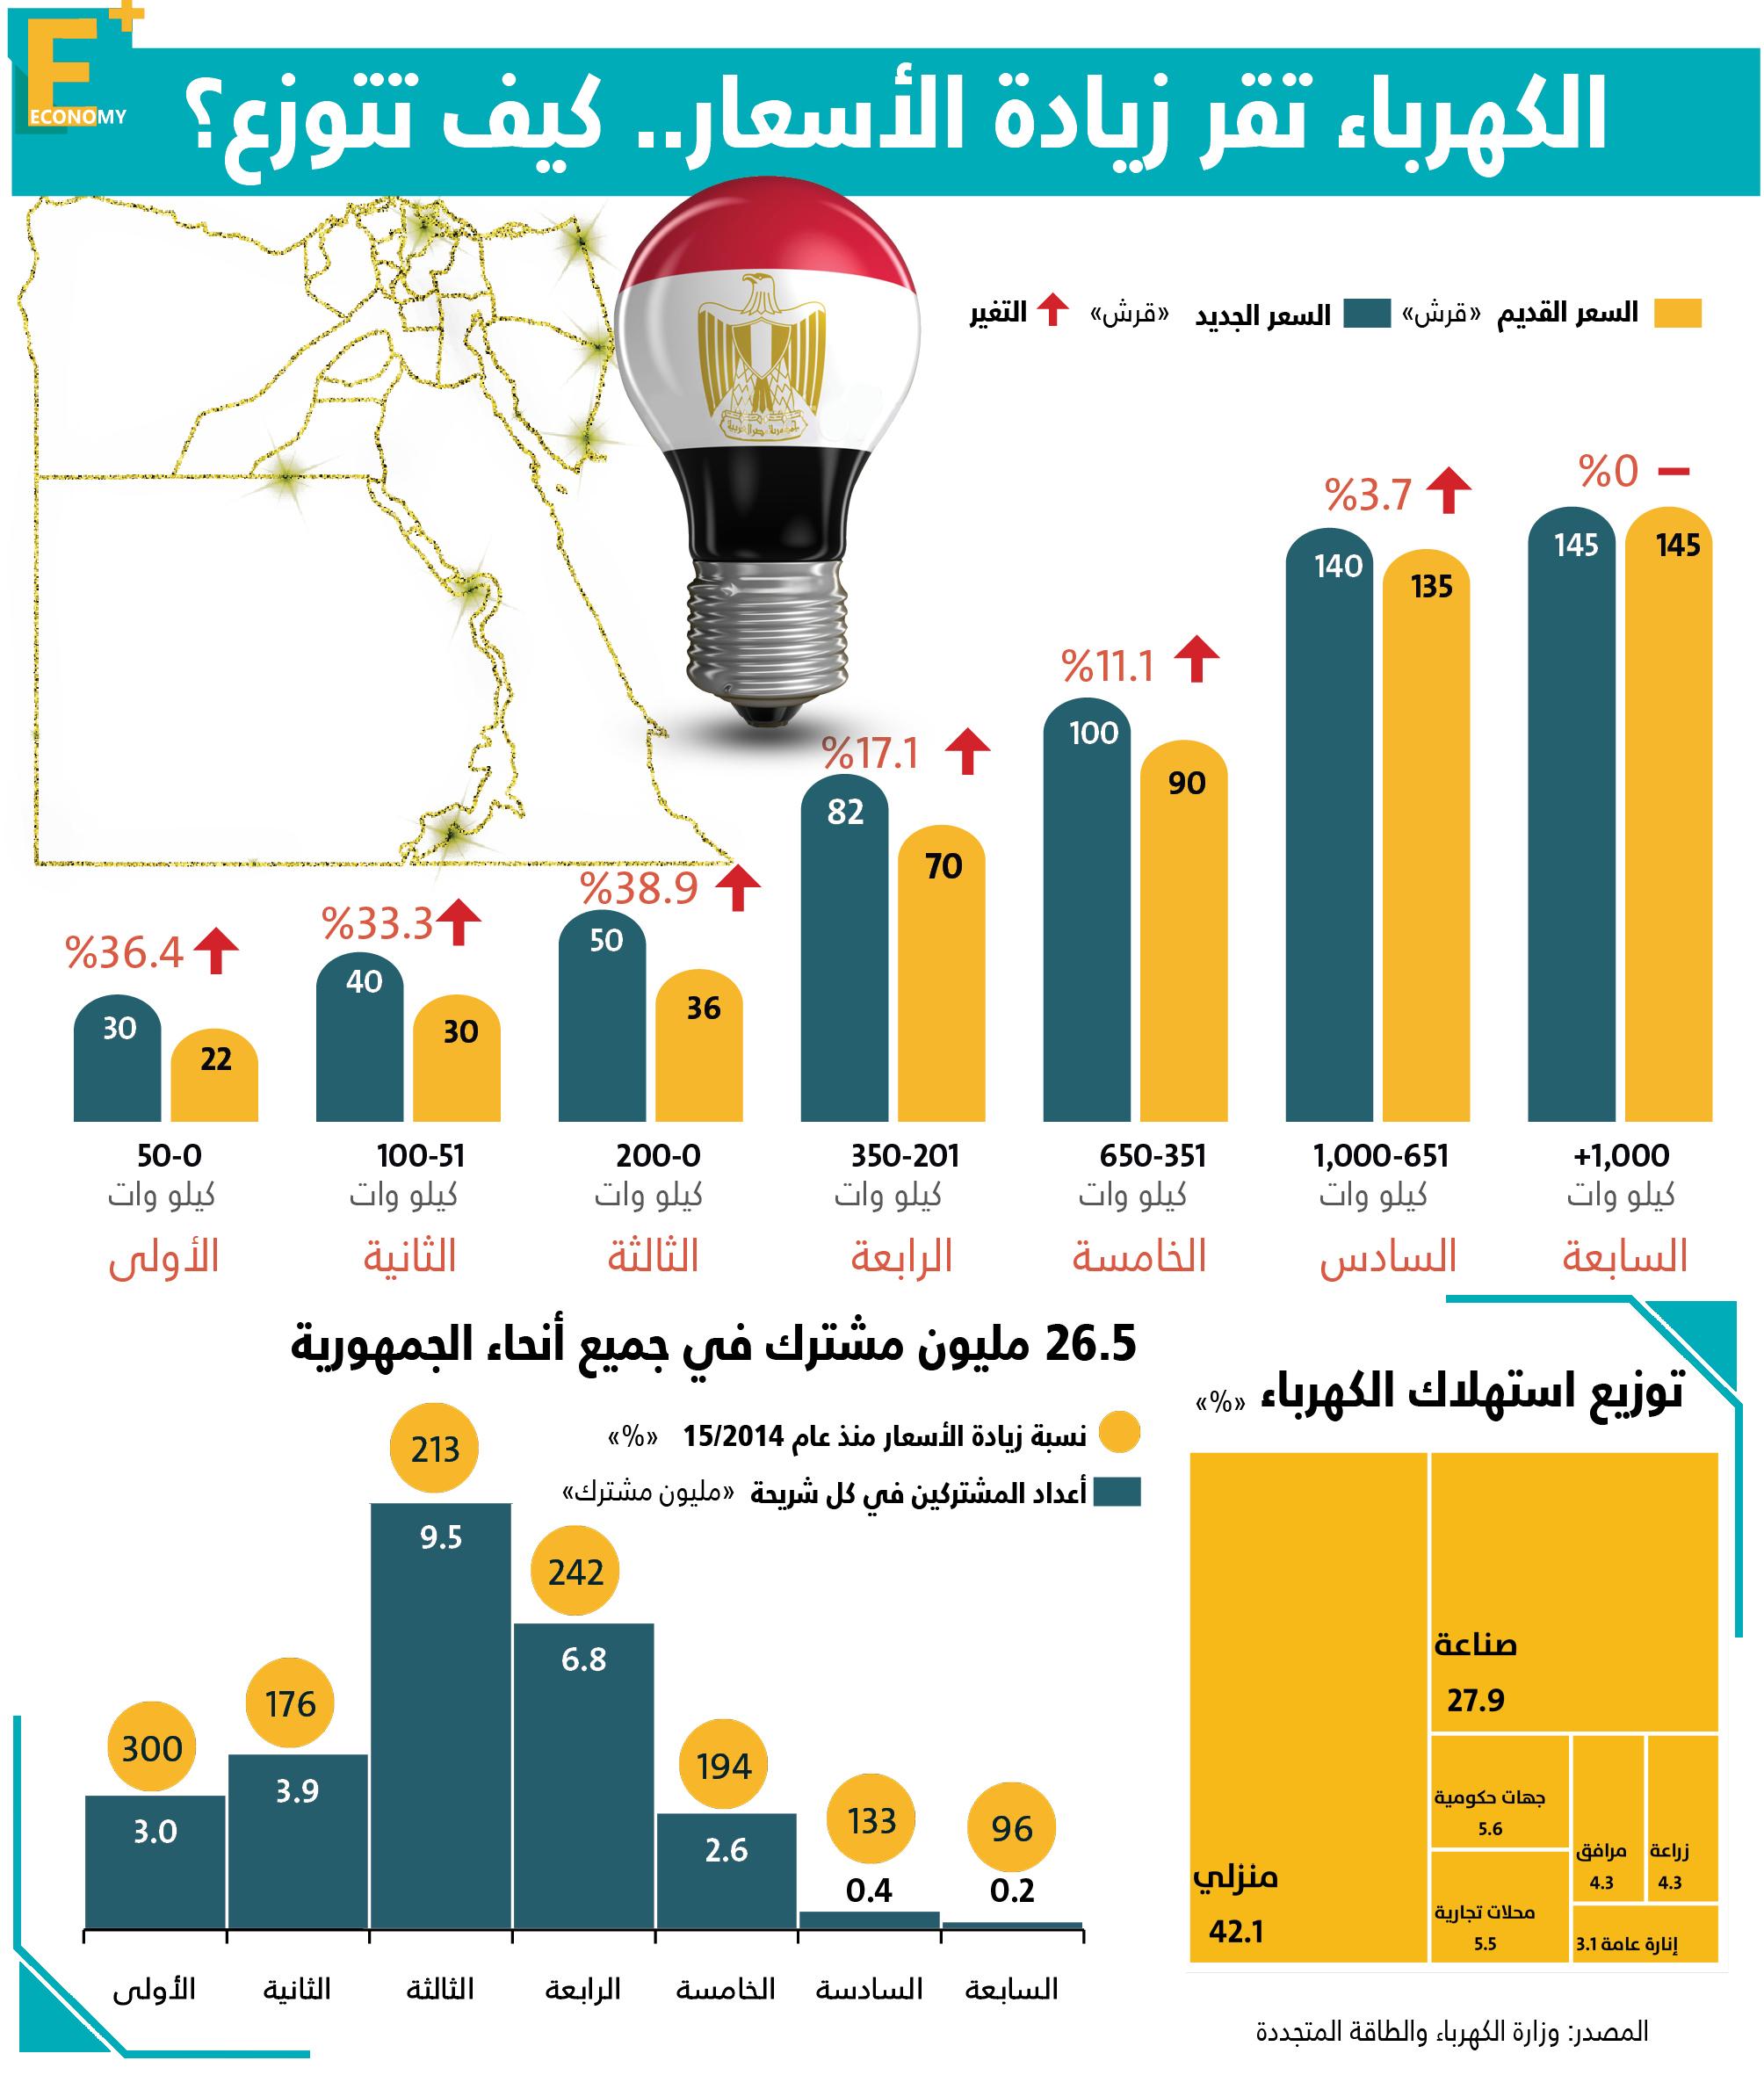 أسعار الكهرباء-الكهرباء-التضخم-زيادة أسعار الكهرباء-دعم الكهرباء